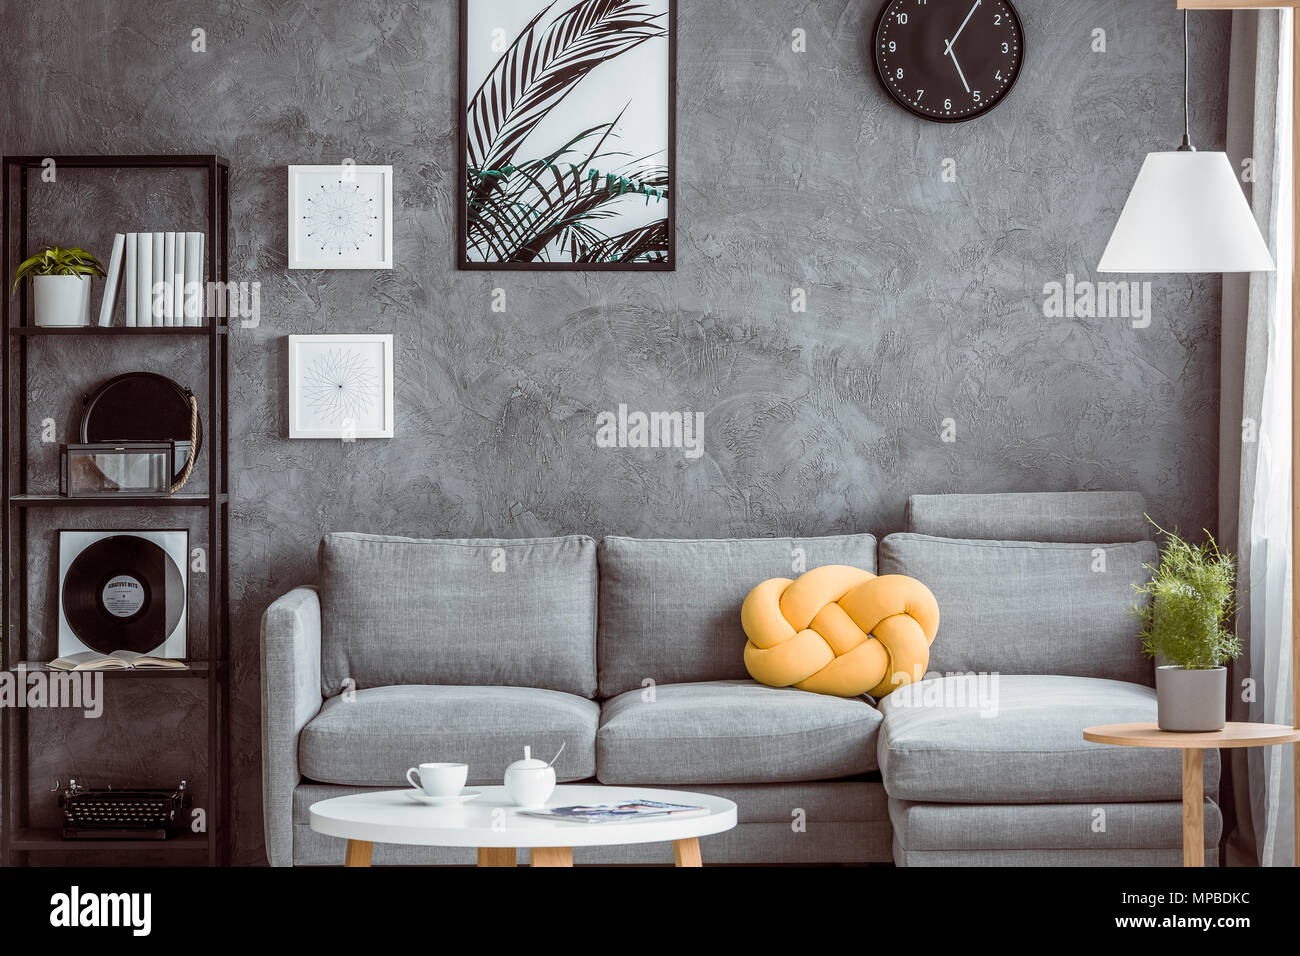 Gelbe Knoten Kissen auf graue Sofa im Wohnzimmer mit Tisch und ...